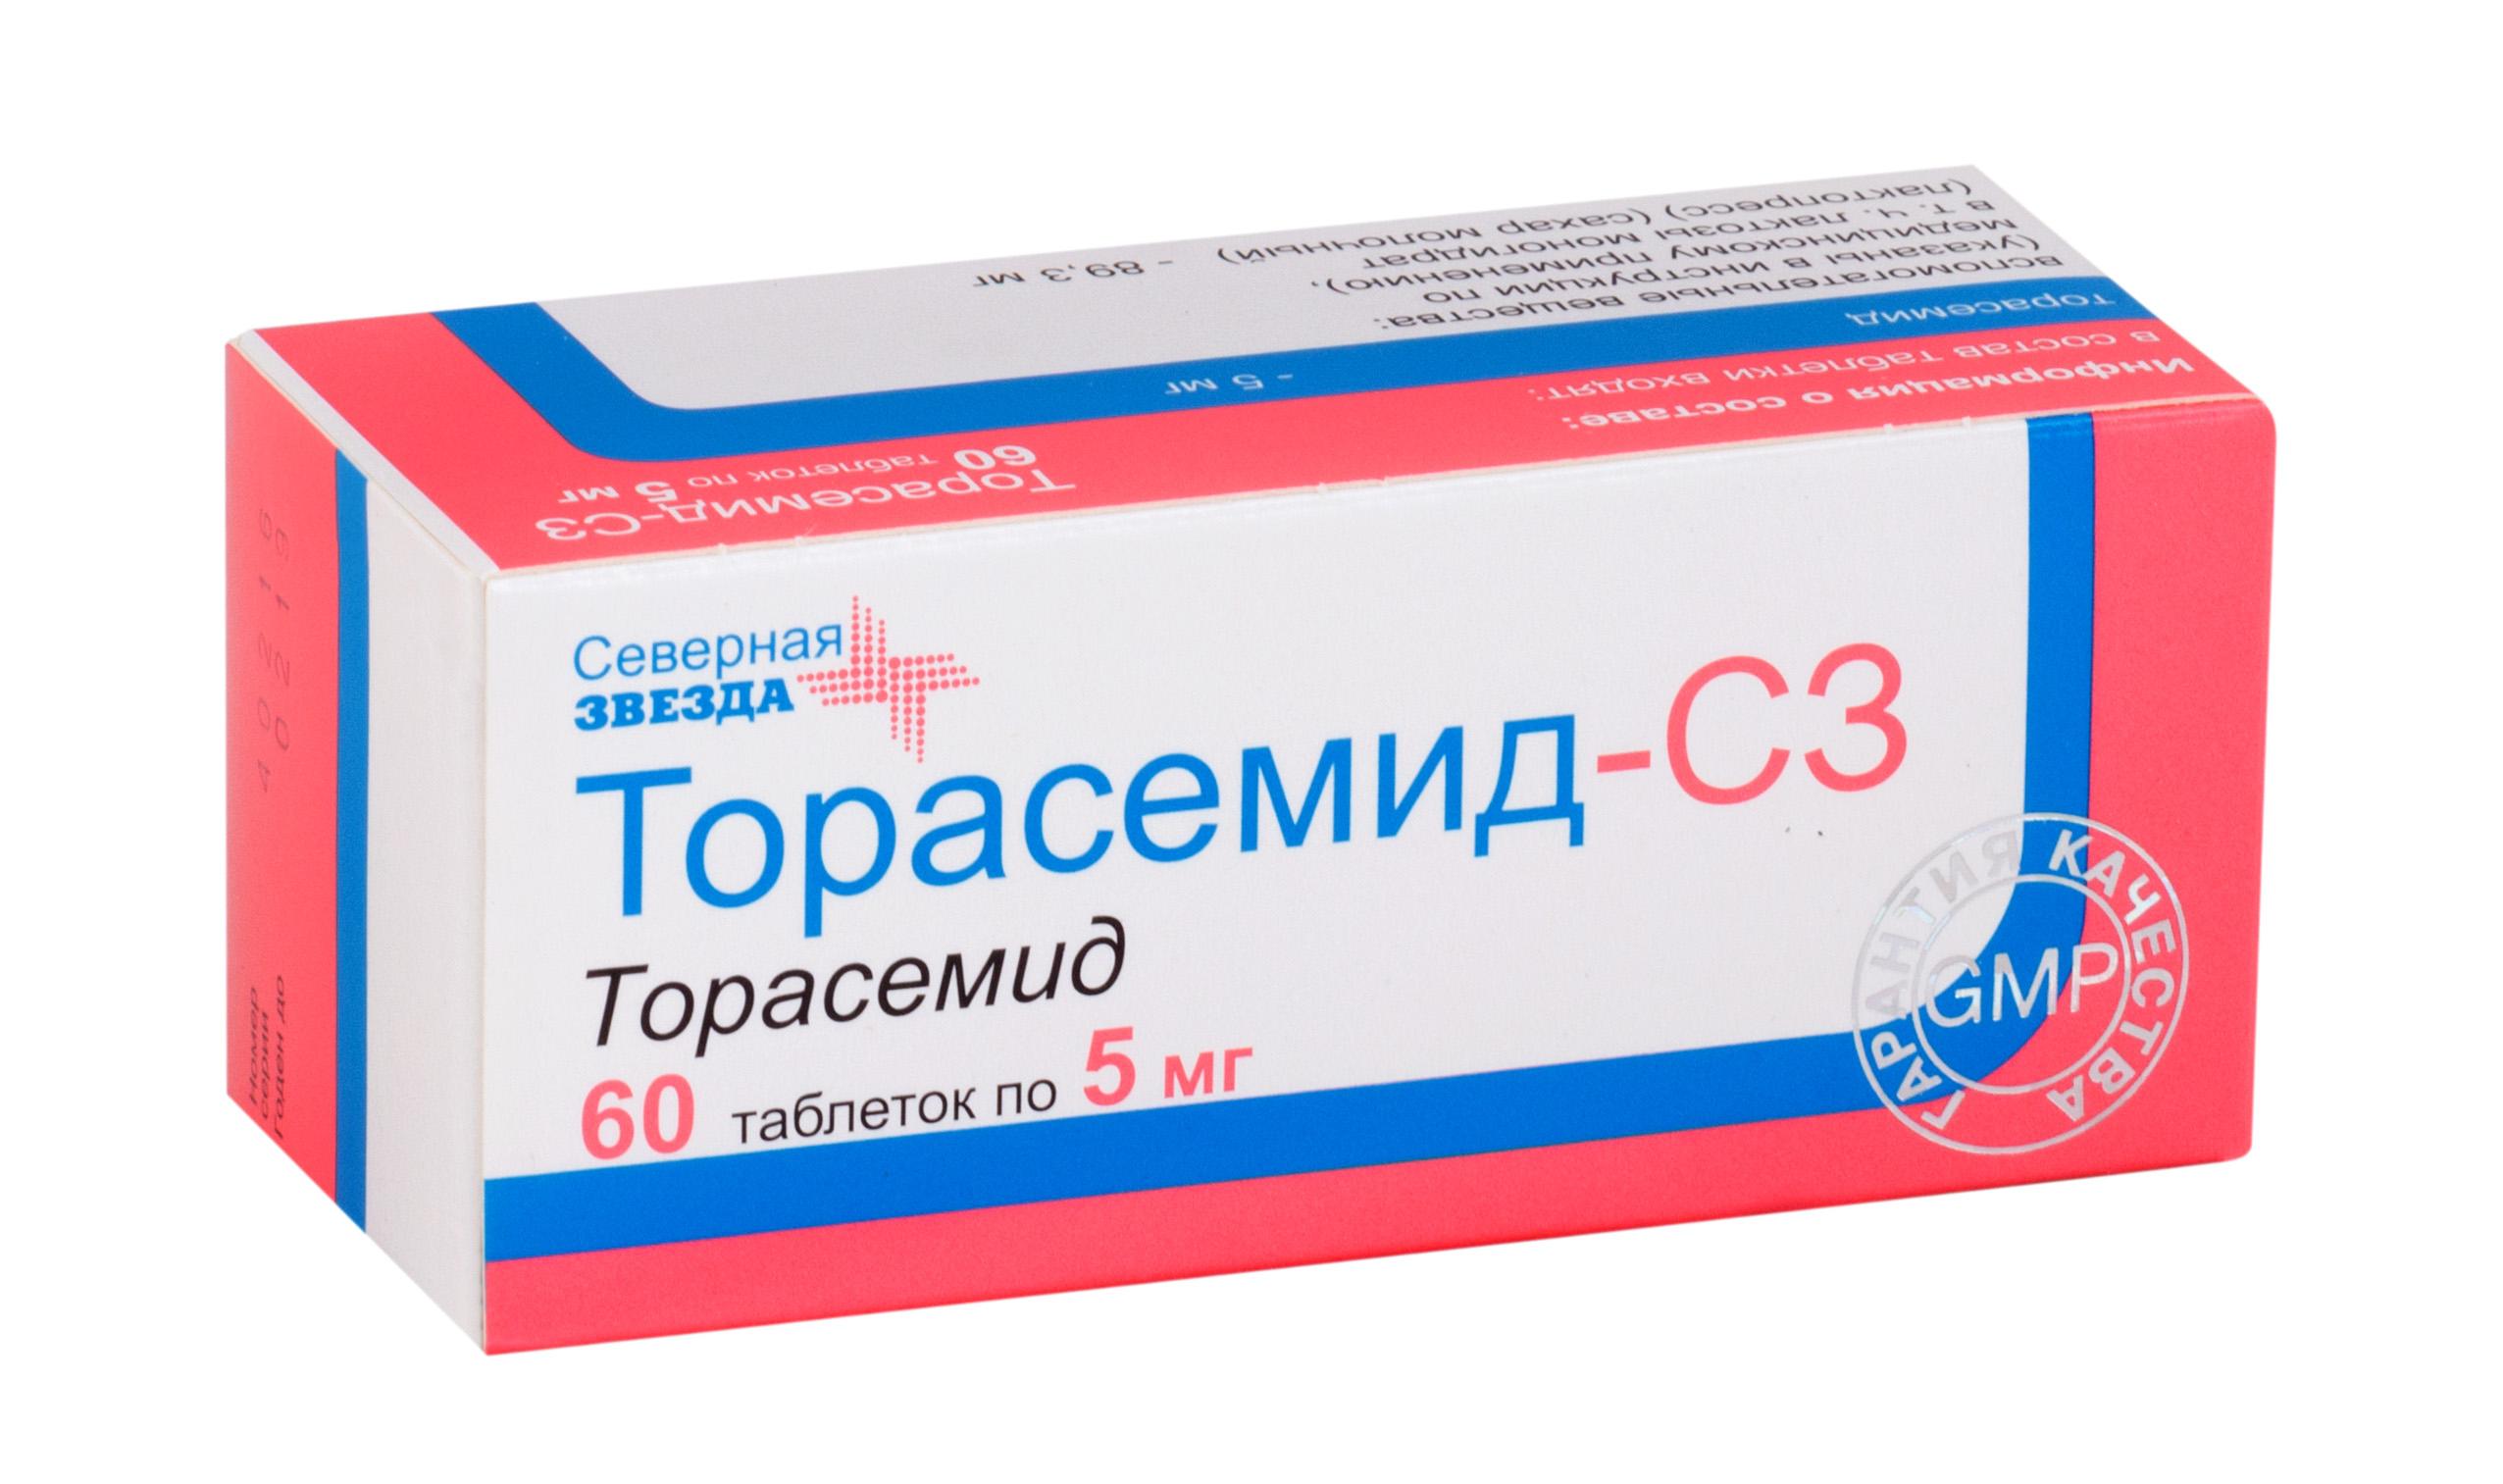 Торасемид-сз таб. 5мг n60